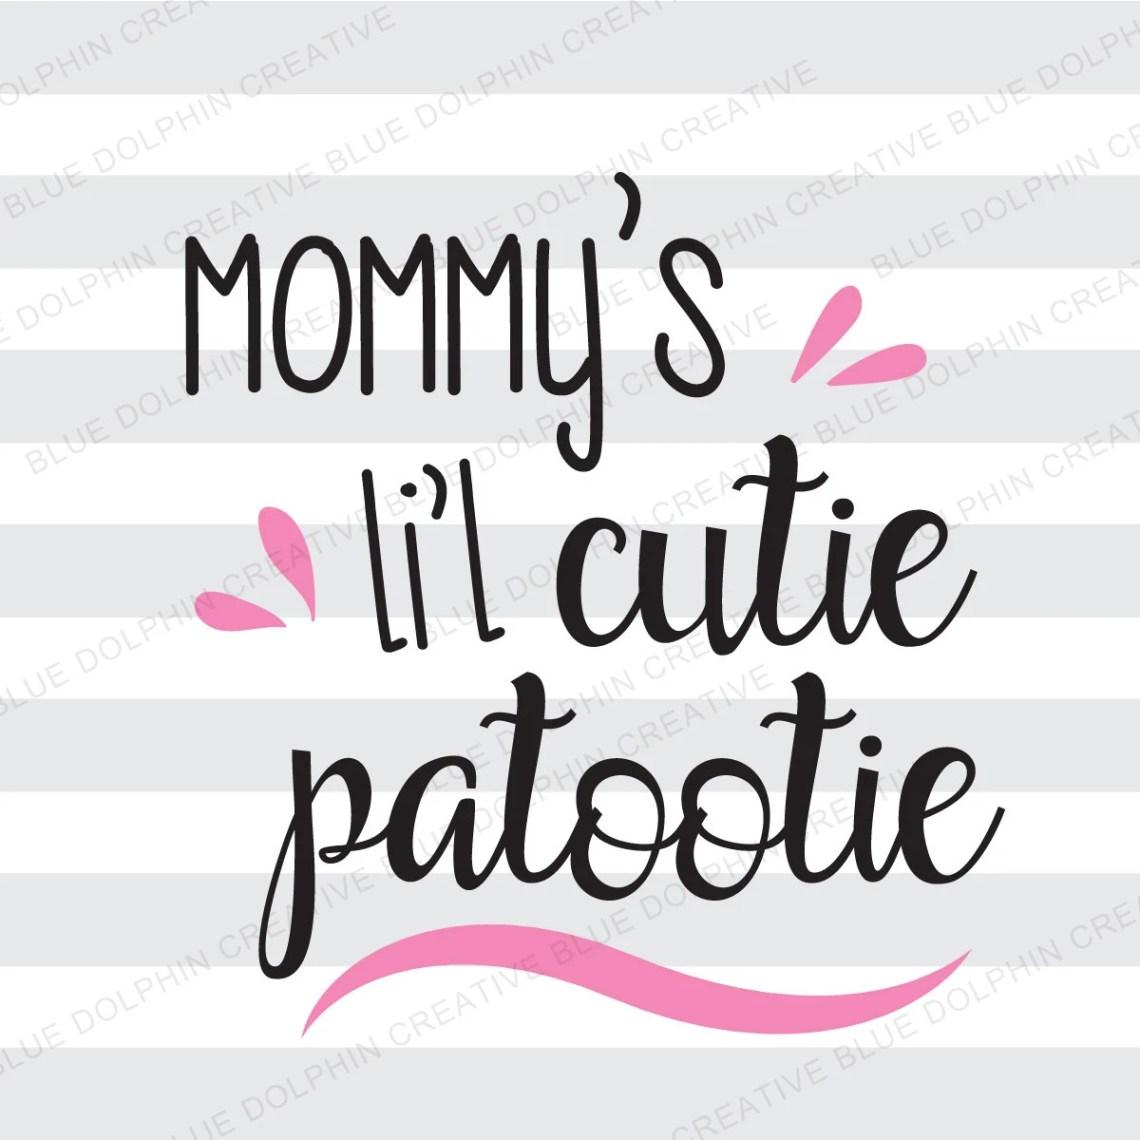 Download Mommy's Li'l Cutie Patootie SVG png pdf / Cricut